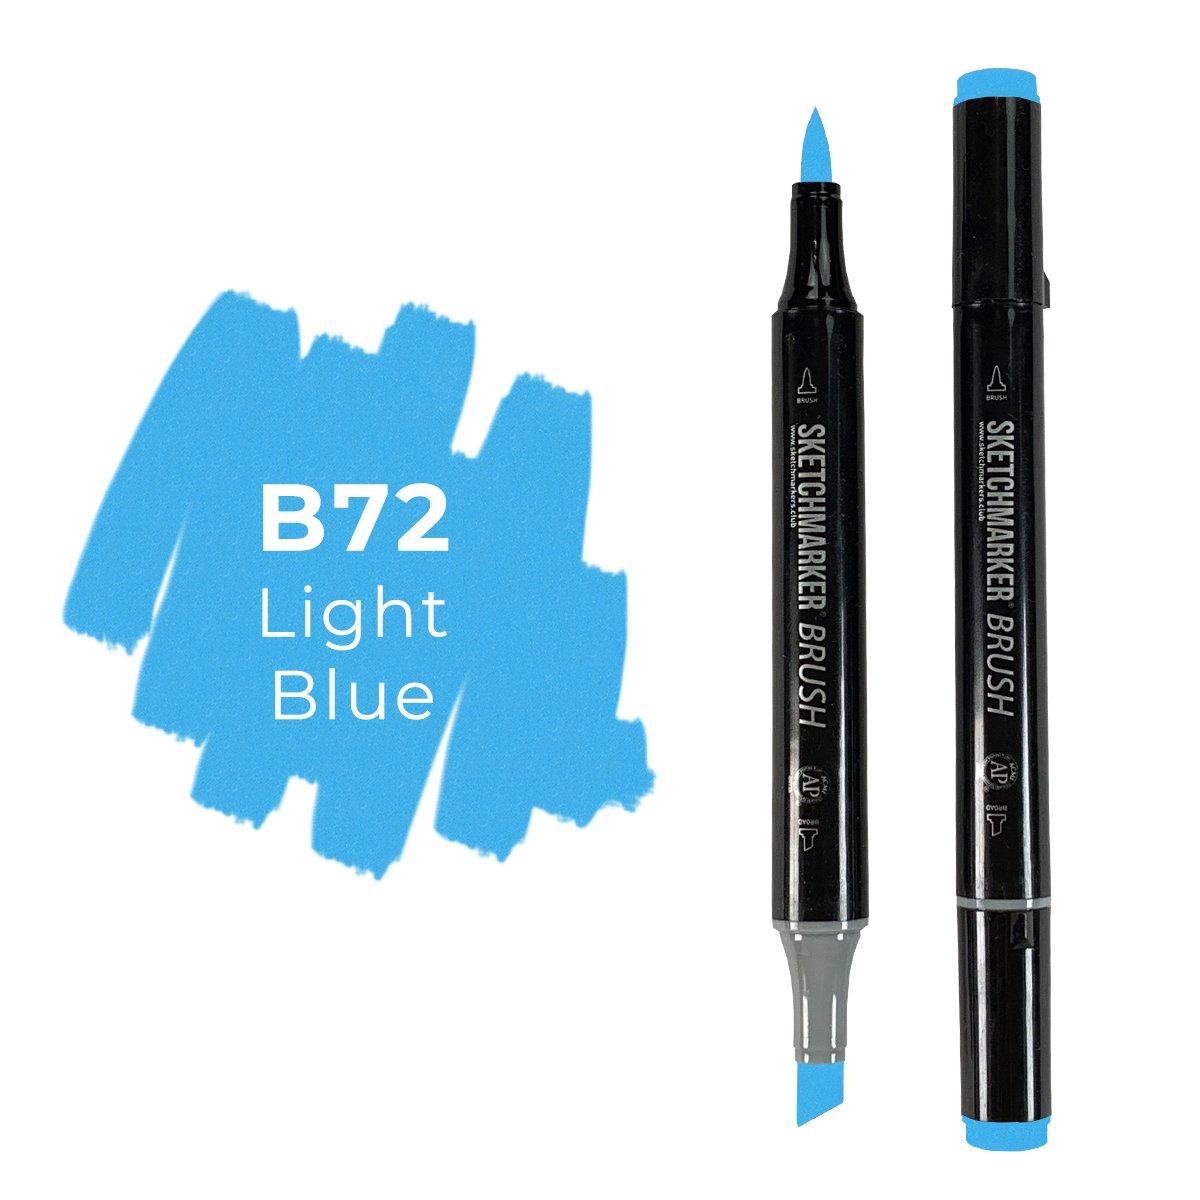 SKETCHMARKER BRUSH PRO Color: Light Blue